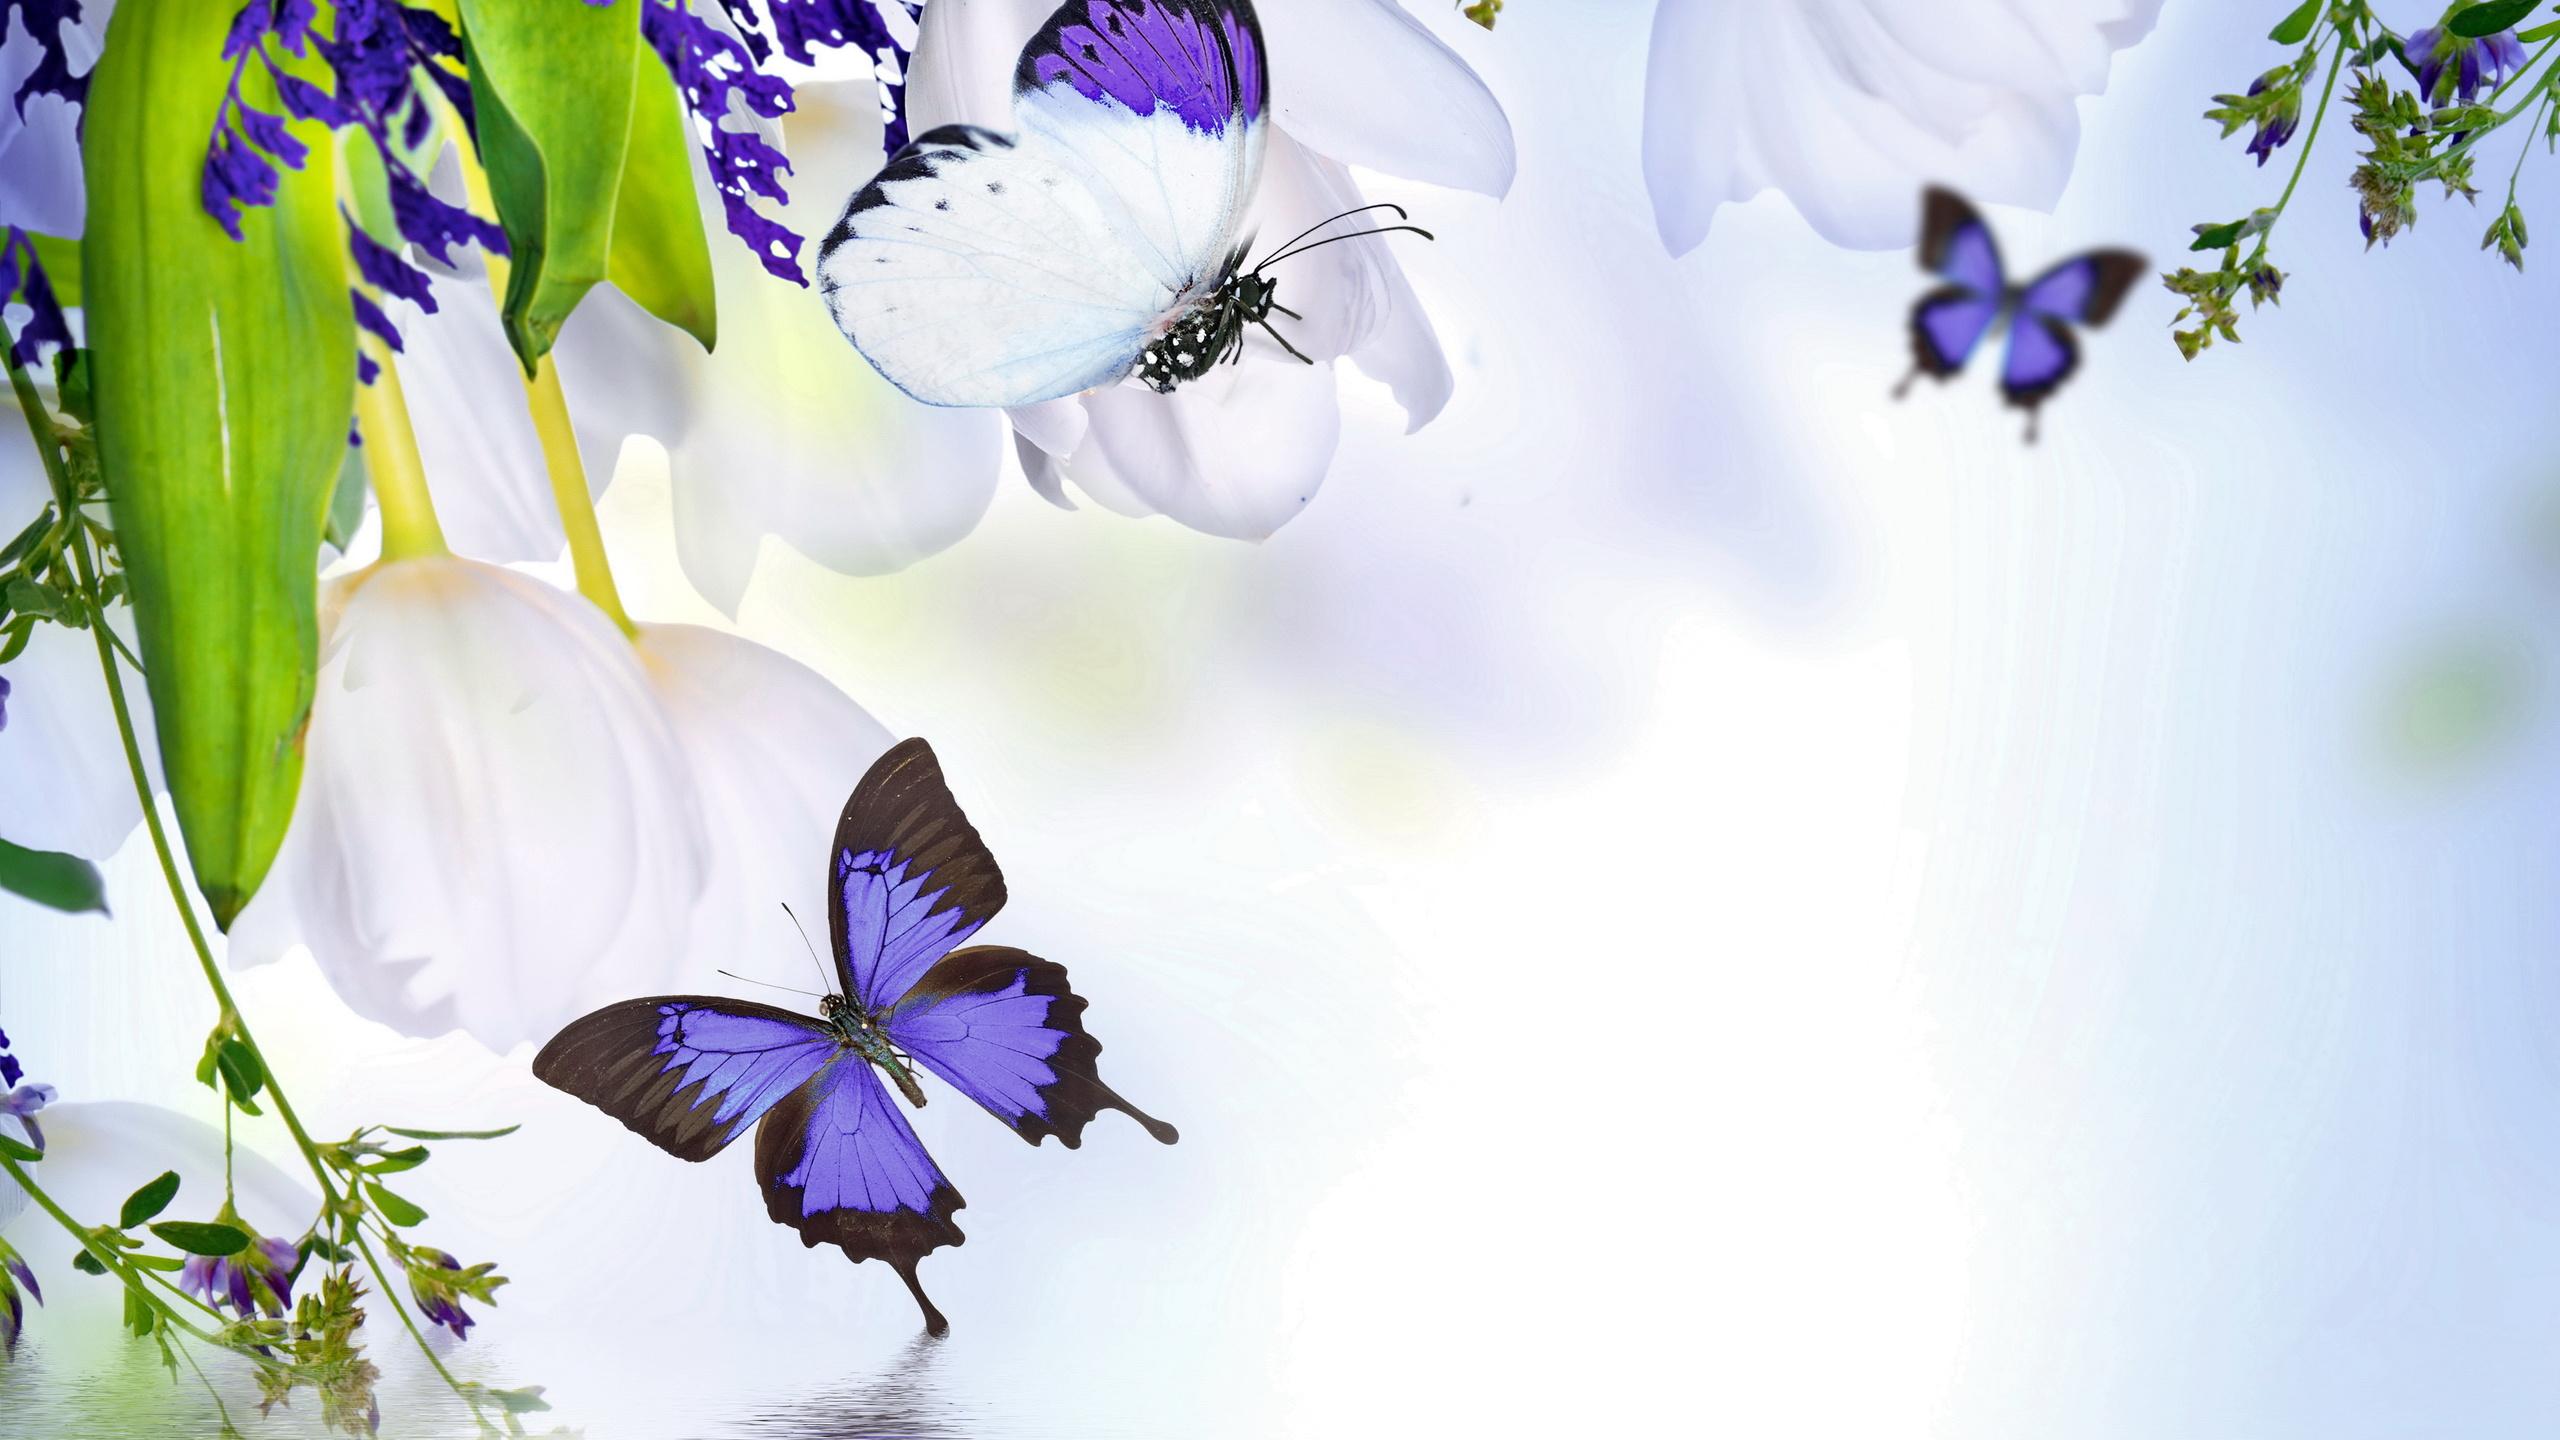 Для внучки, цветы и бабочки картинки